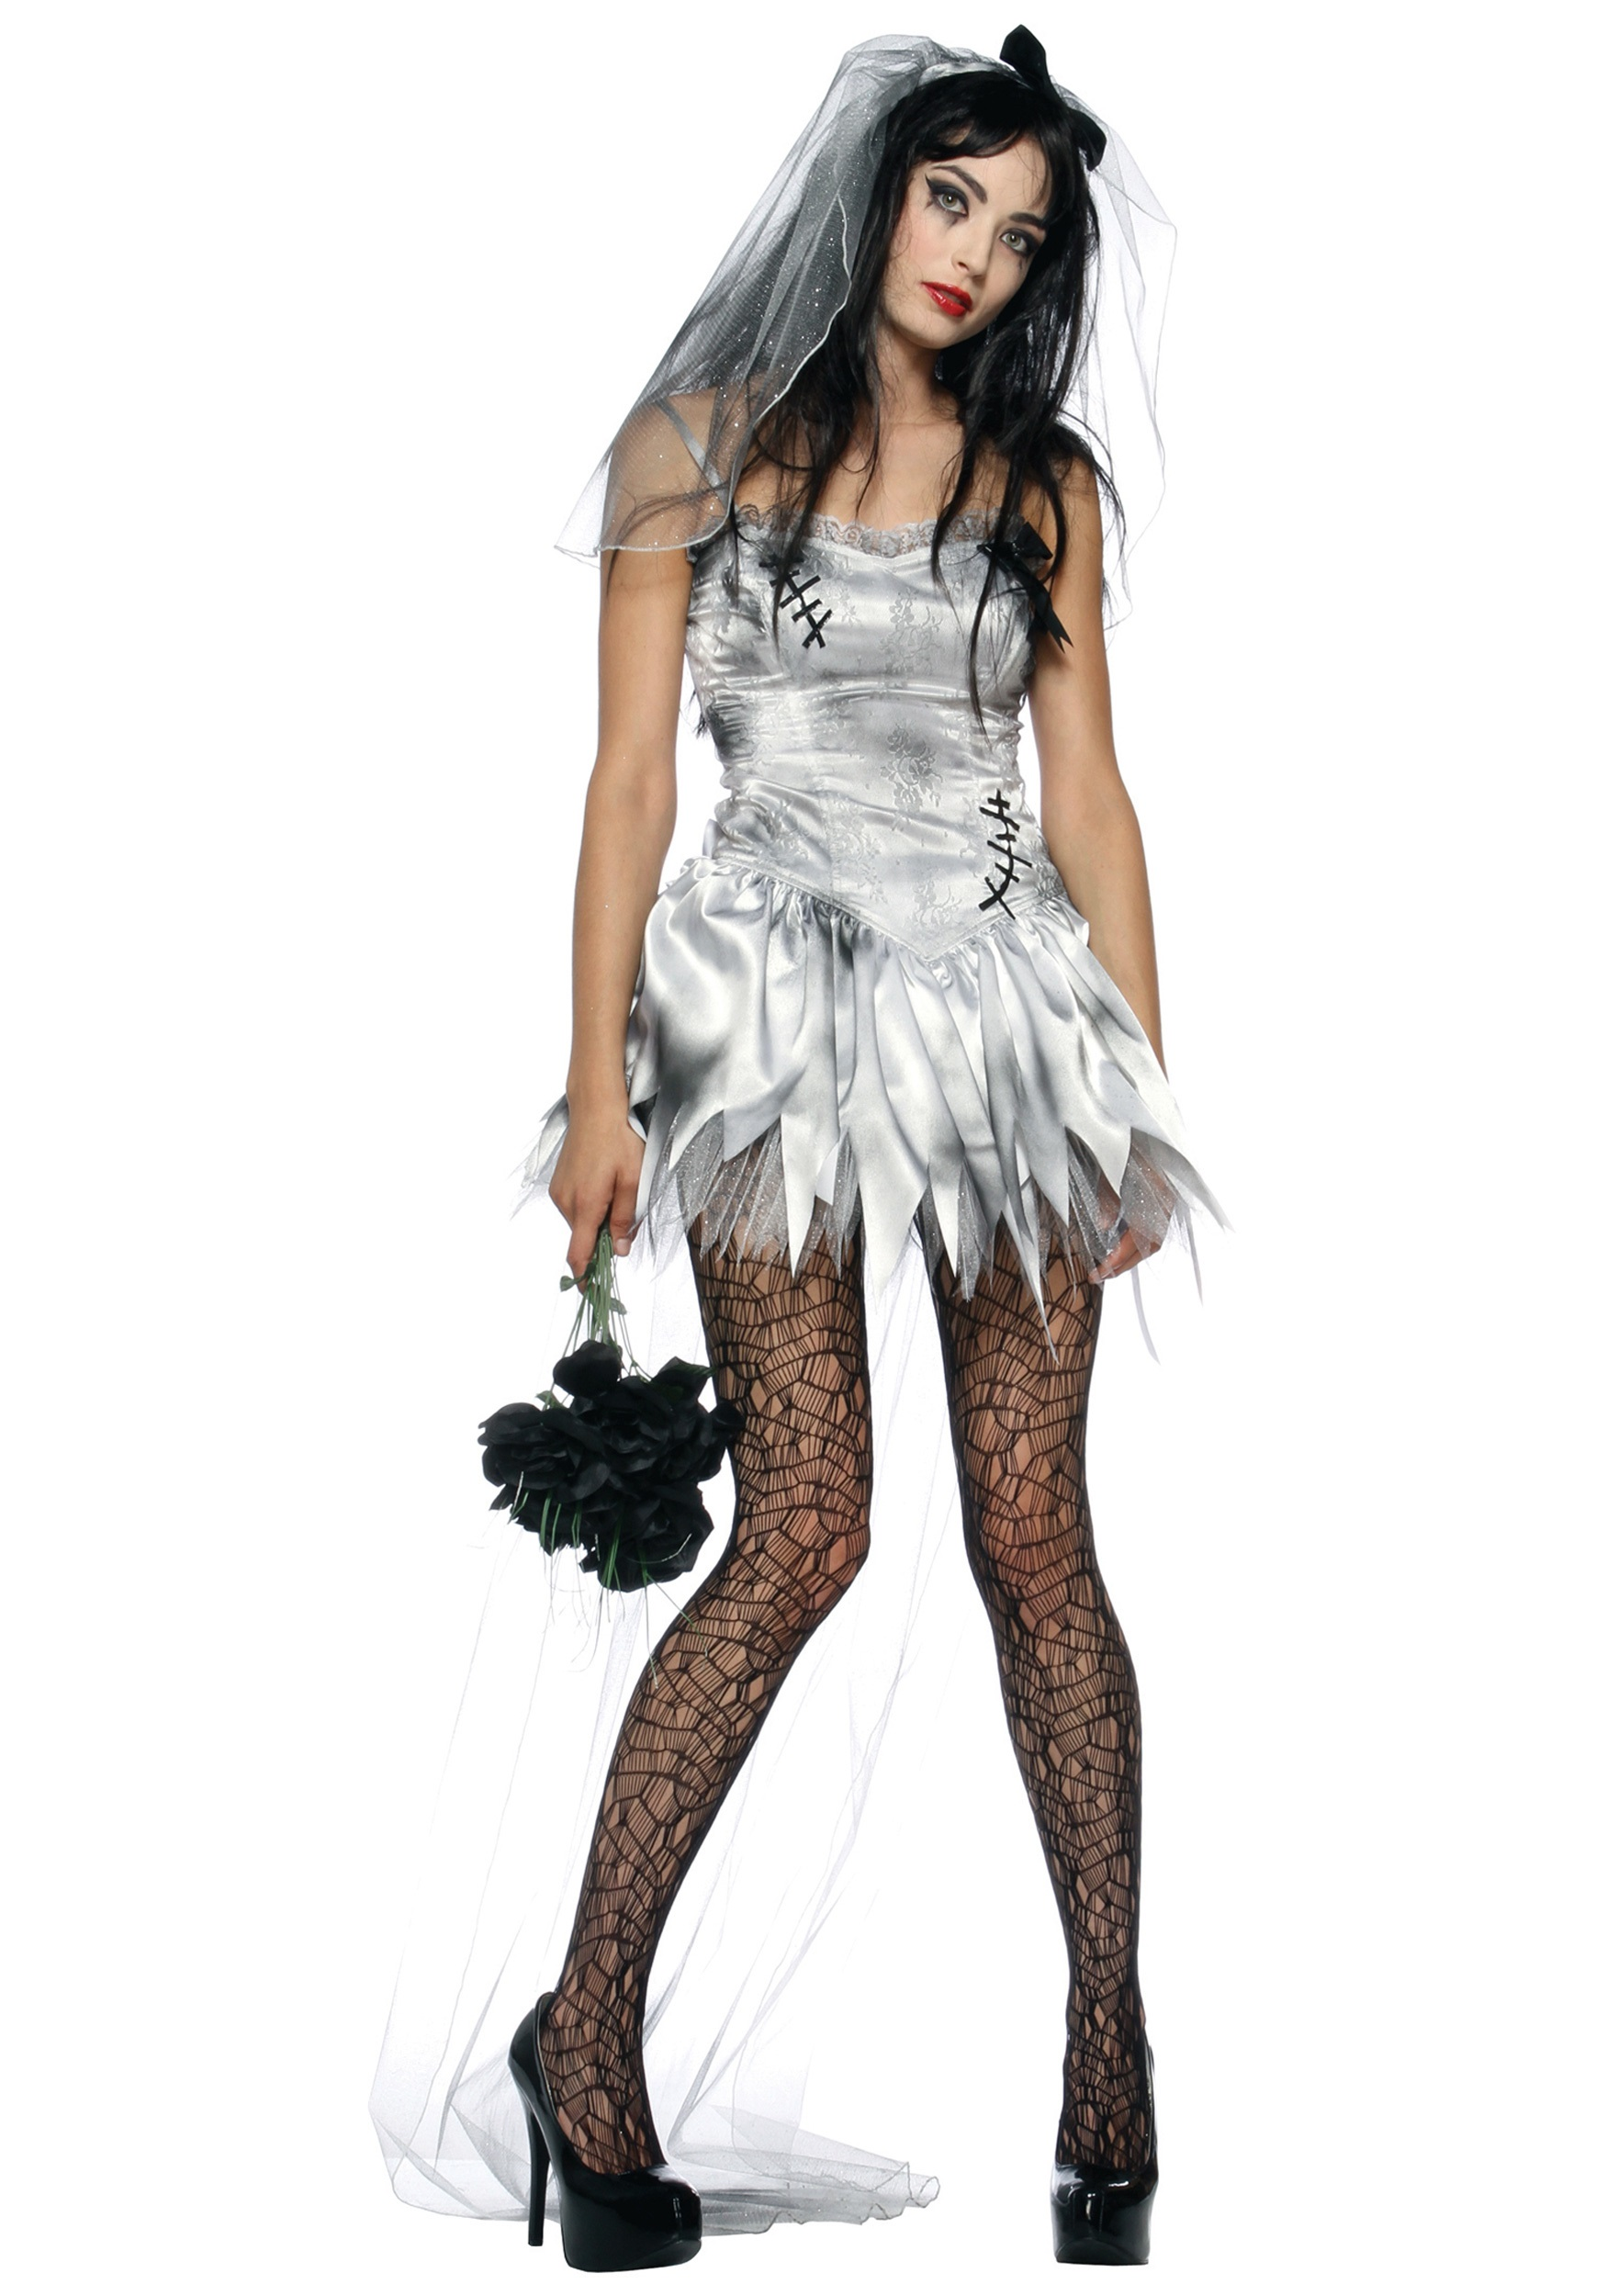 Female zombie costumes